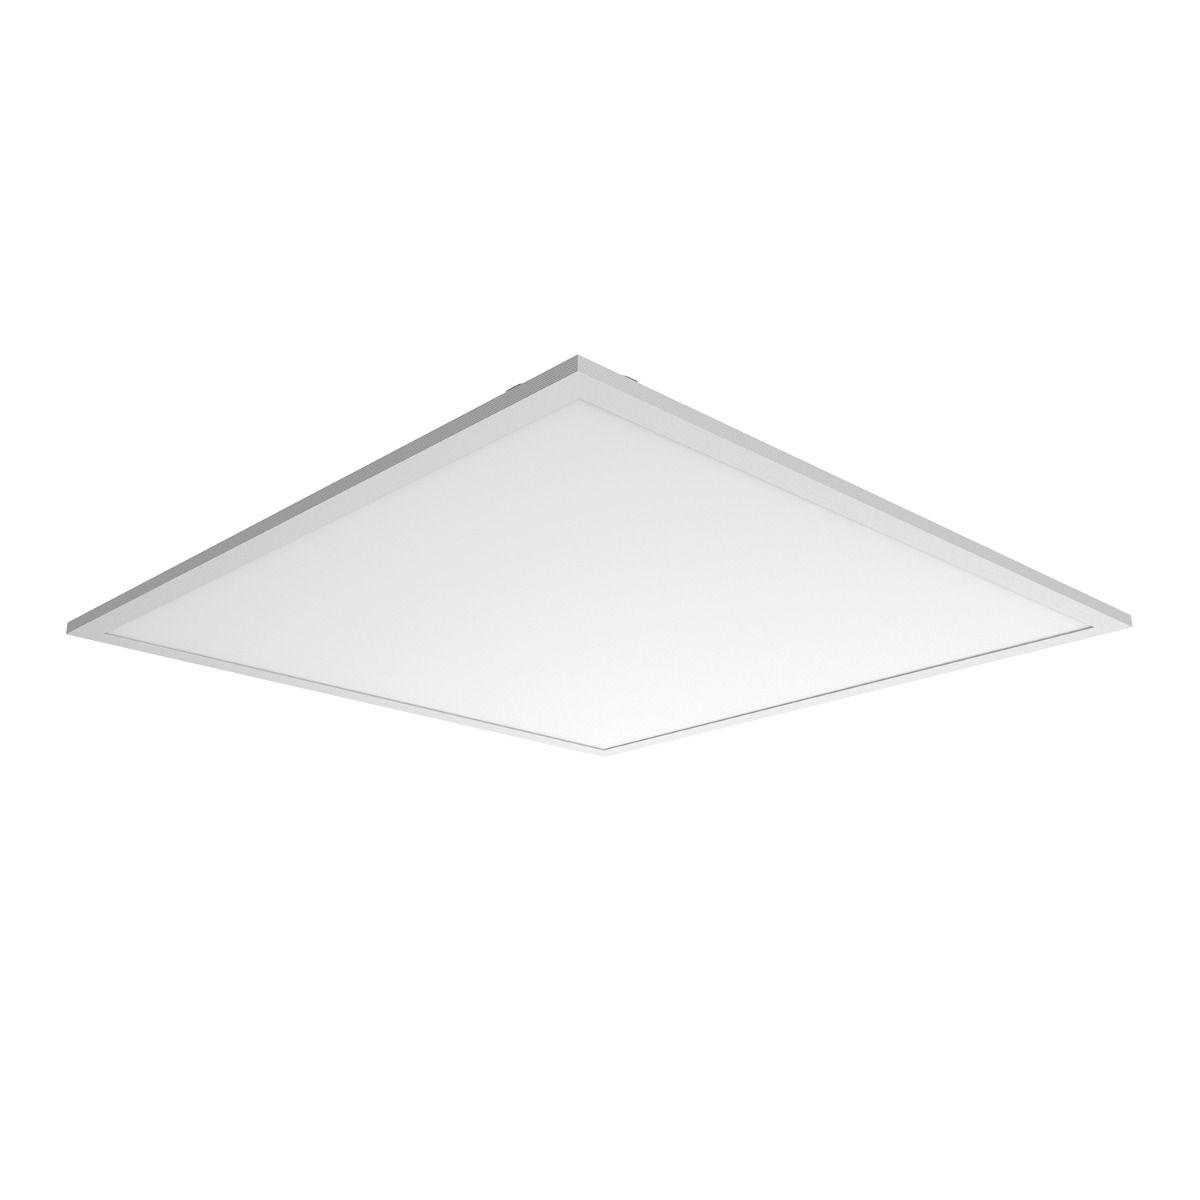 Noxion LED panel Delta Pro V3 30W 4000K 4070lm 60x60cm UGR <22 | kold hvid - erstatter 4x18W